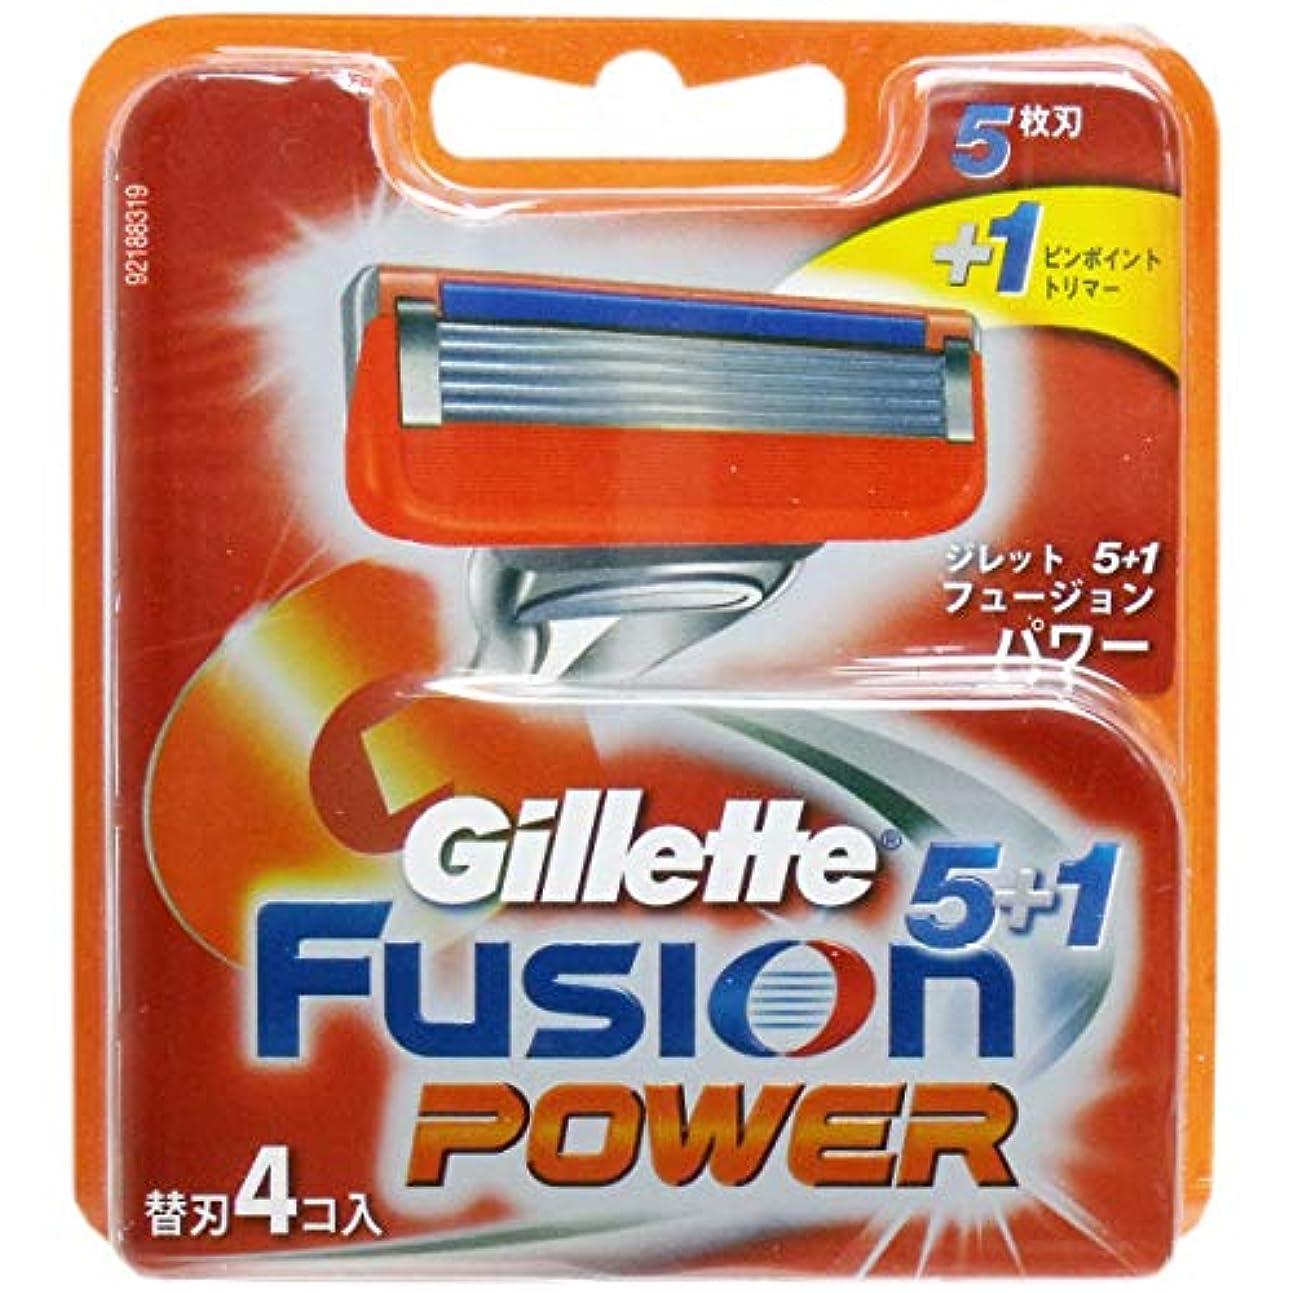 ドラフト最初はロビージレット フュージョン5+1 パワー 替刃 4個入×10個セット